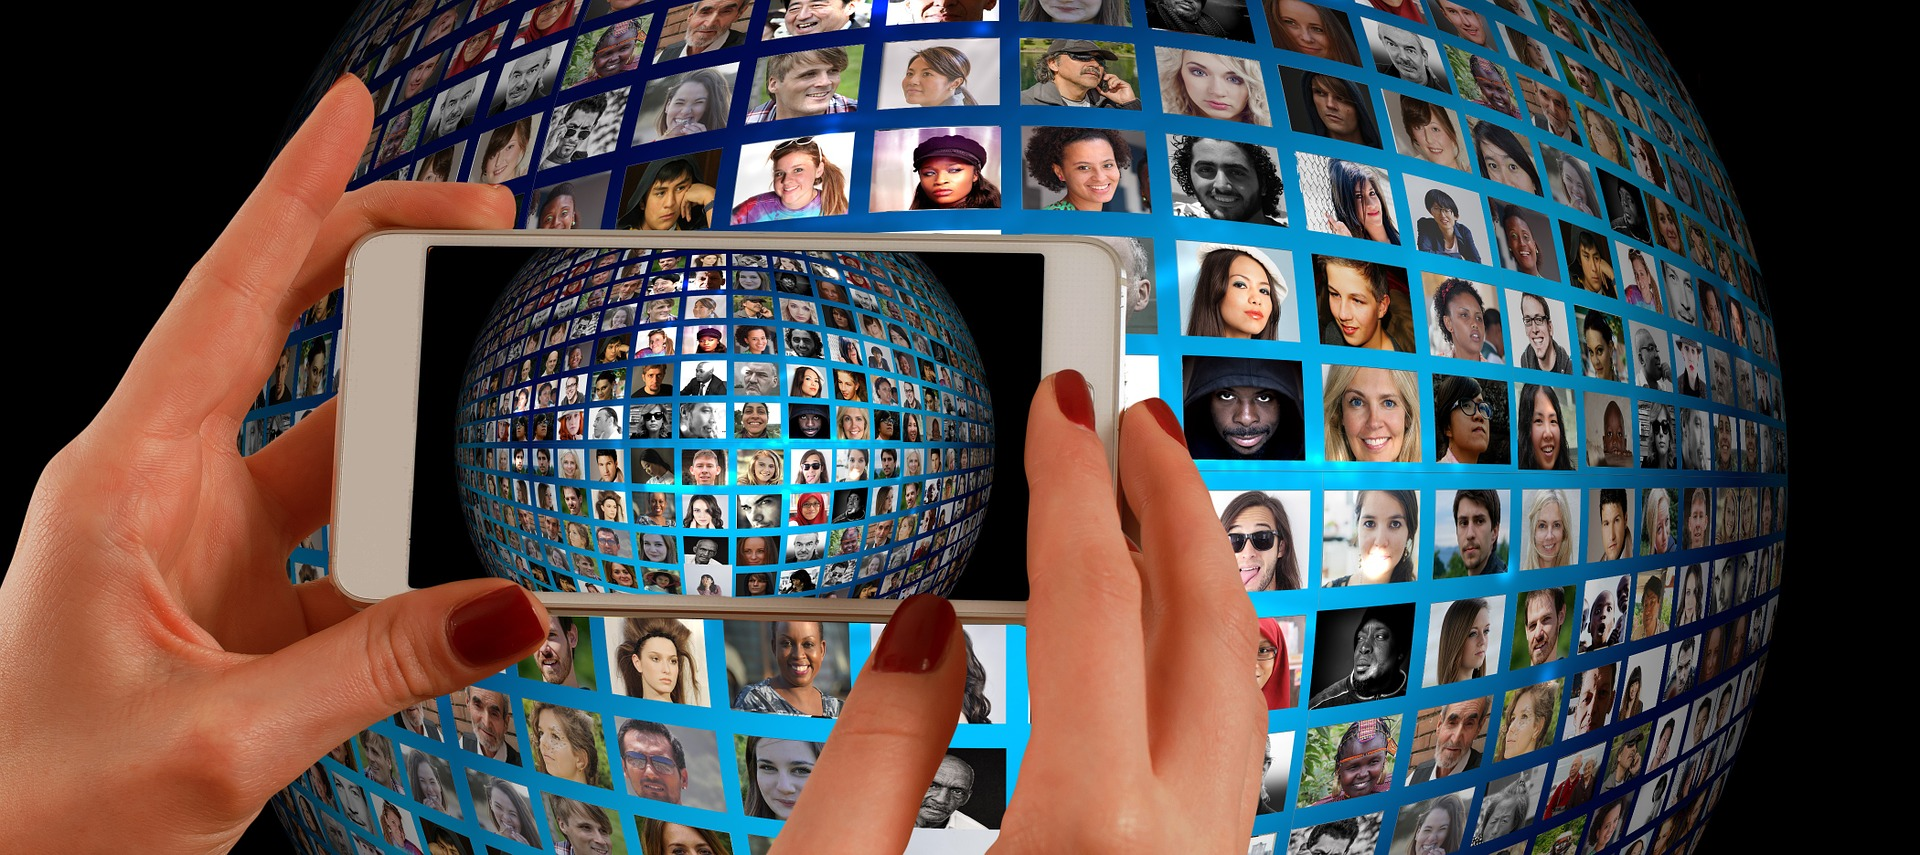 Kako prebaciti slike iz Picase na CD Prebacivanje slika iz Picase na CD